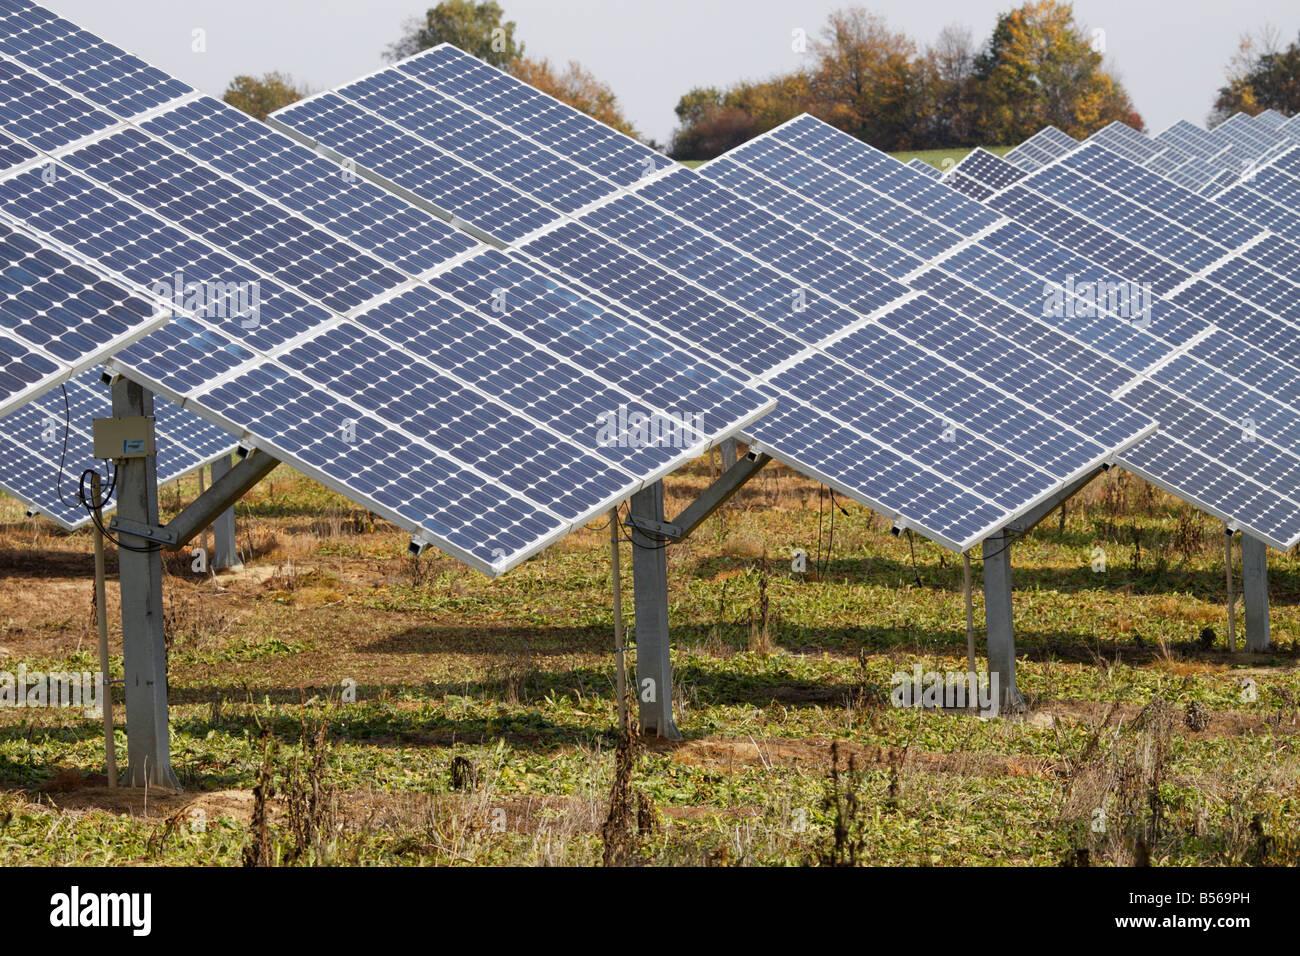 Pannelli solari in una fattoria in Germania. Questo è in Oberrüsselbach, Igensdorf, in Franken Immagini Stock